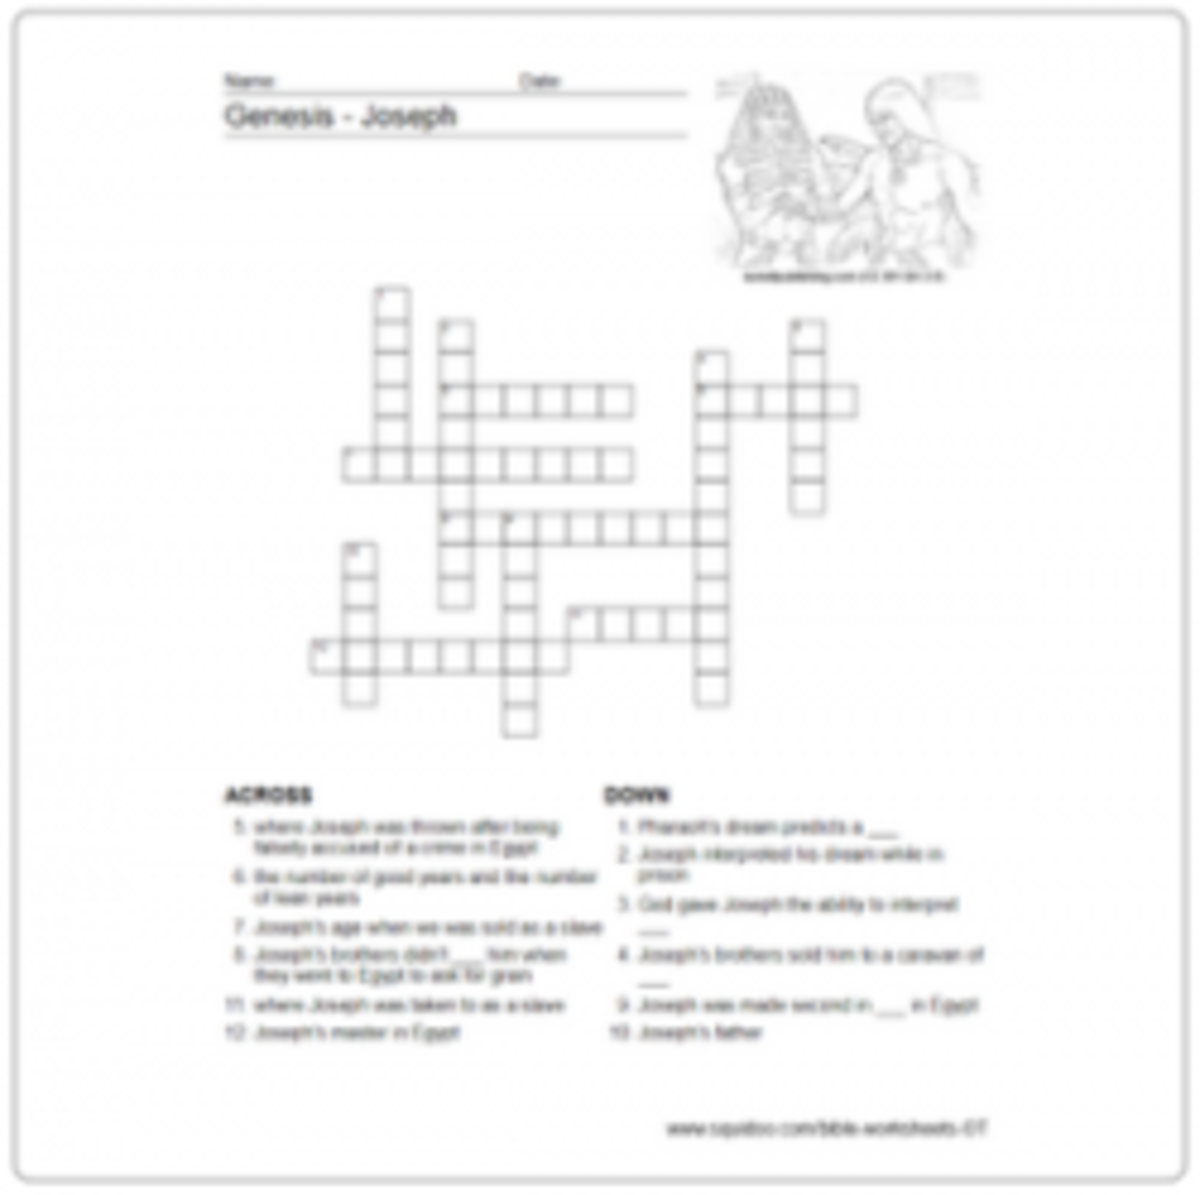 genesis-worksheets